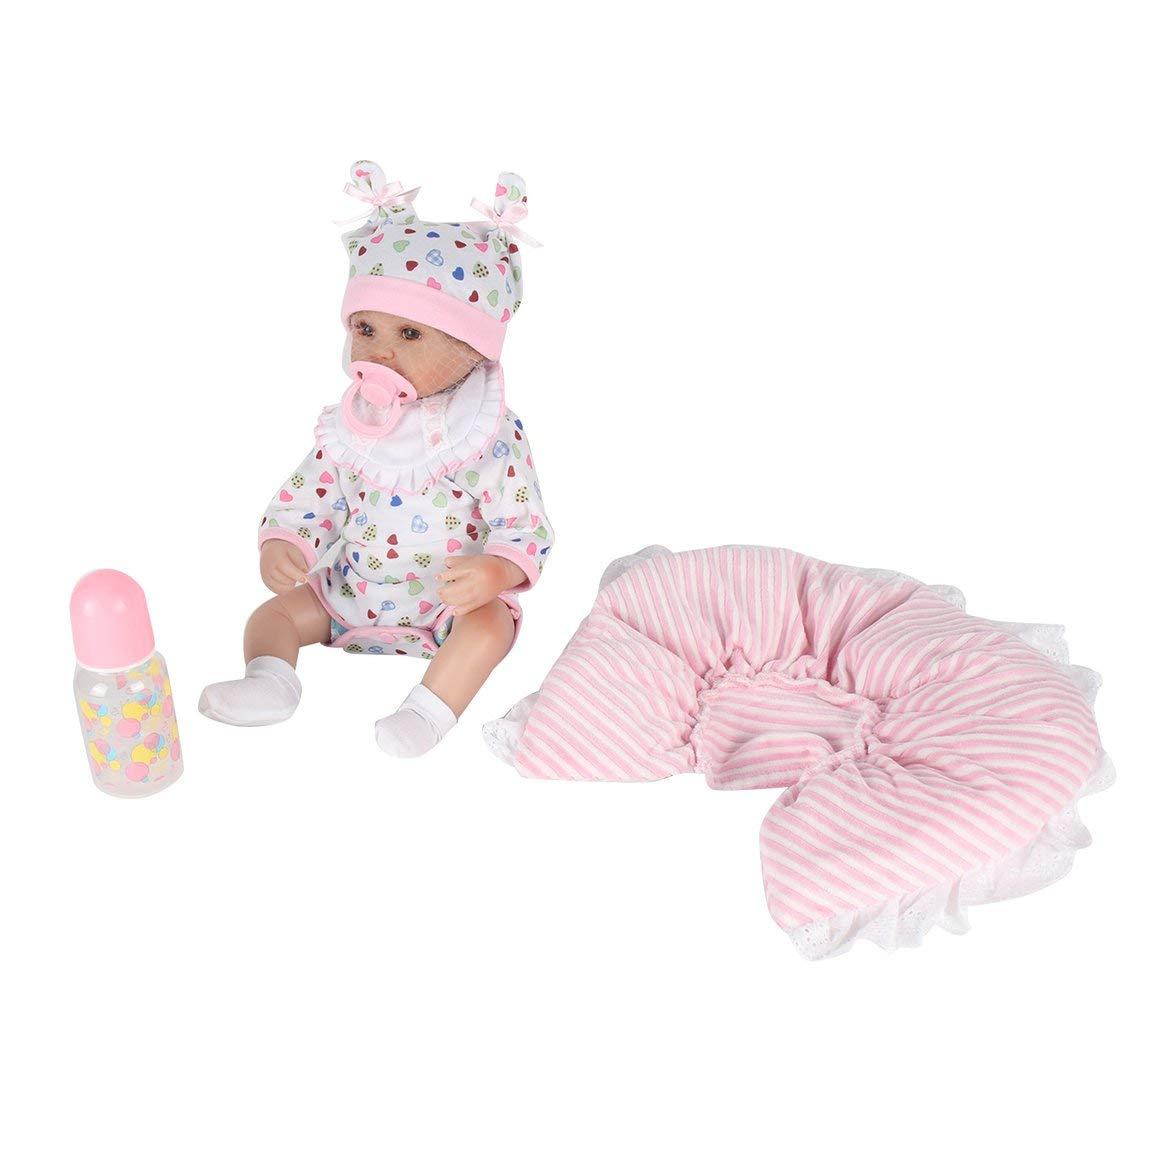 Fantasyworld 45CM Kawaii Kinder Reborn Baby Doll weiche Silikon-Naturgetreue Neugeborene Neugeborene Neugeborene Puppe Mädchen Bestes Geburtstags Kinder Mädchen 34bdfb